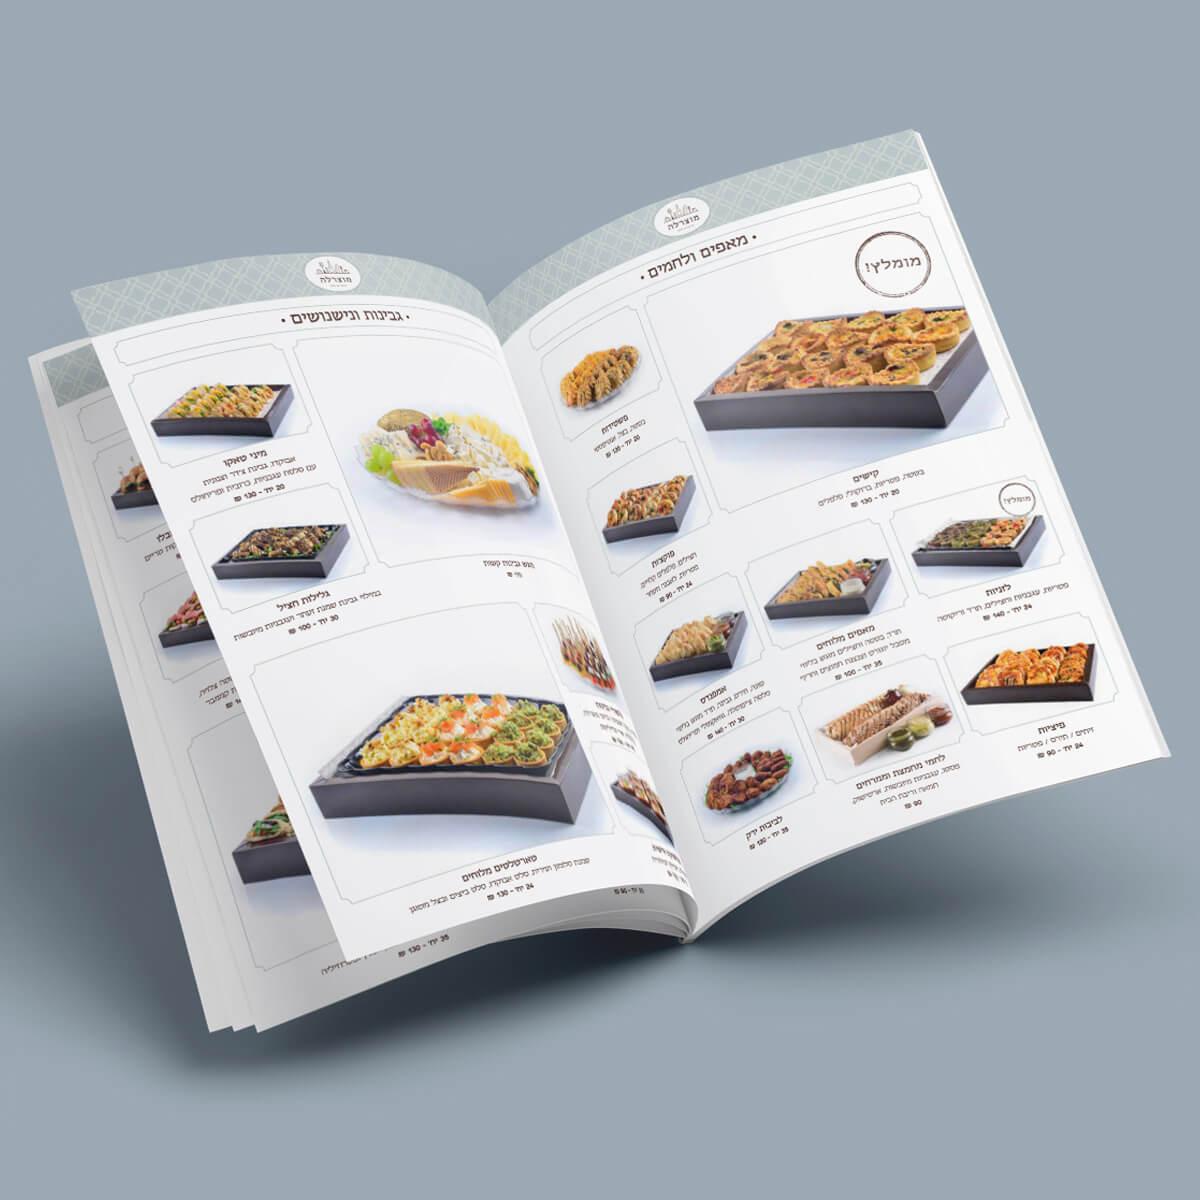 עיצוב תפריט למסעדה קייטרינג מוצרלה משה כהן | ליאור דקל ליבה